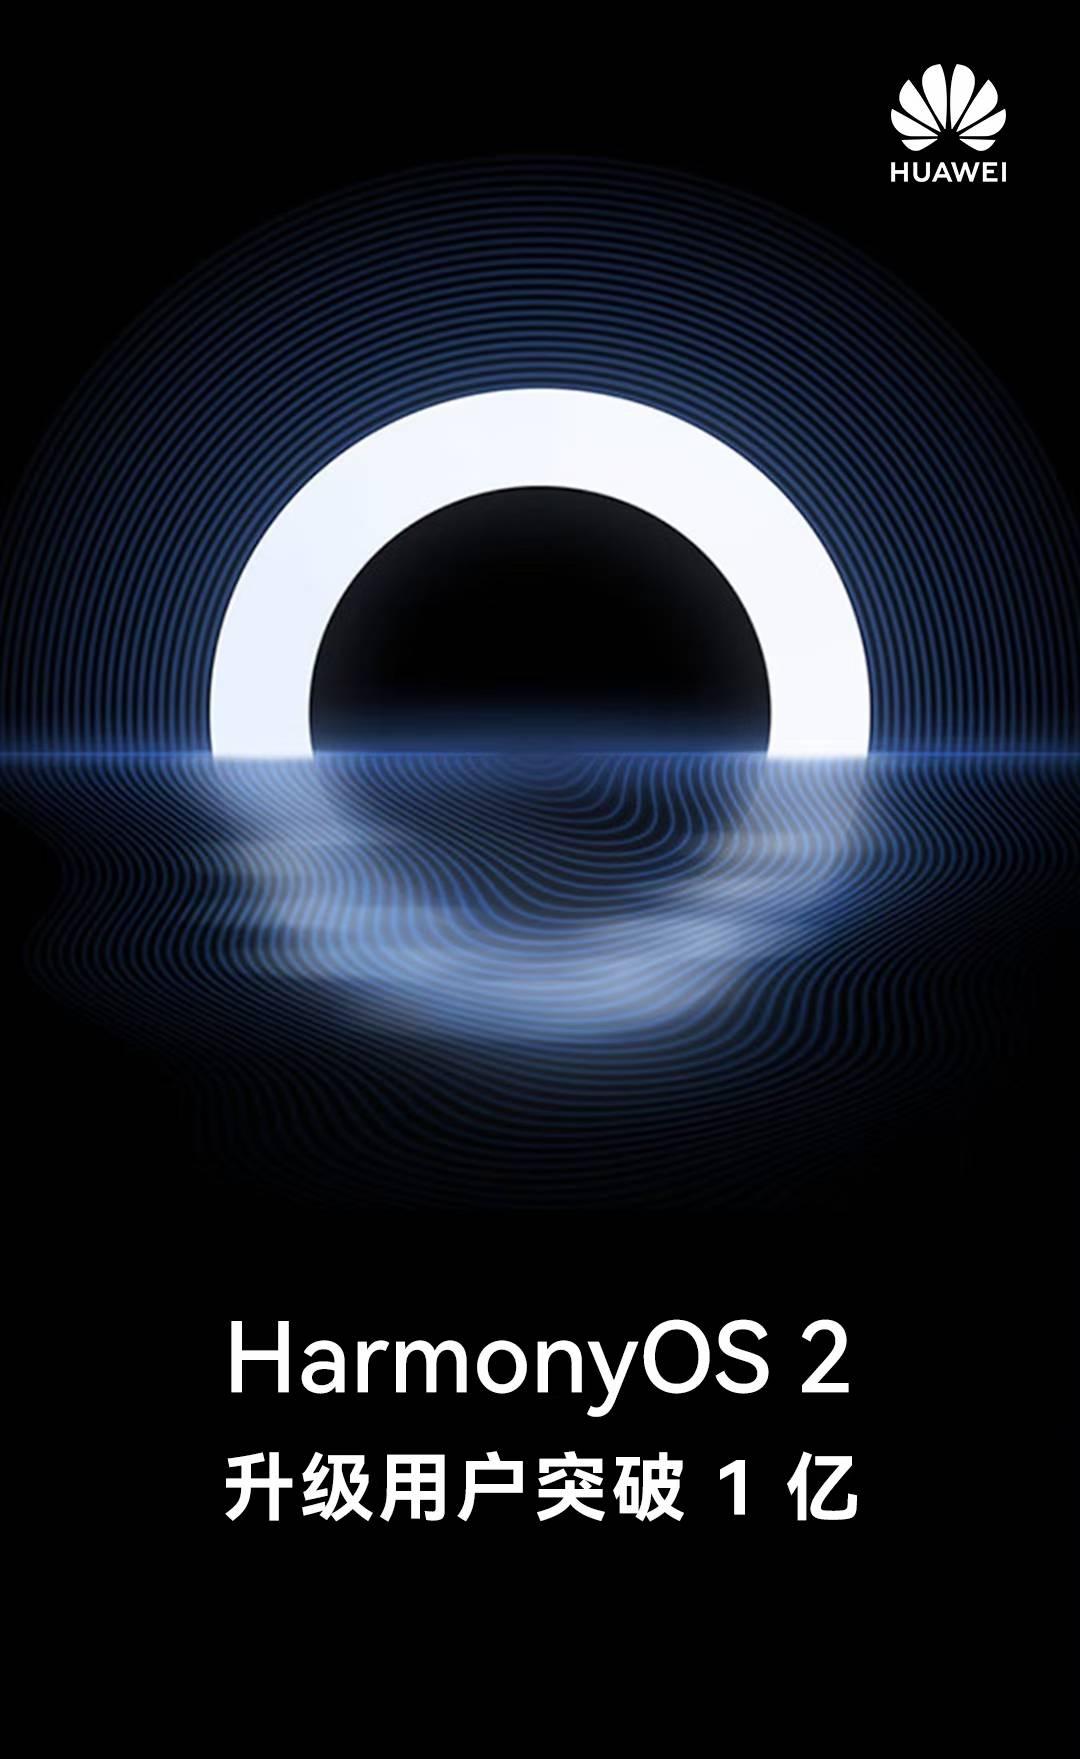 用户量破1亿!华为突然官宣,鸿蒙OS系统达成新成就